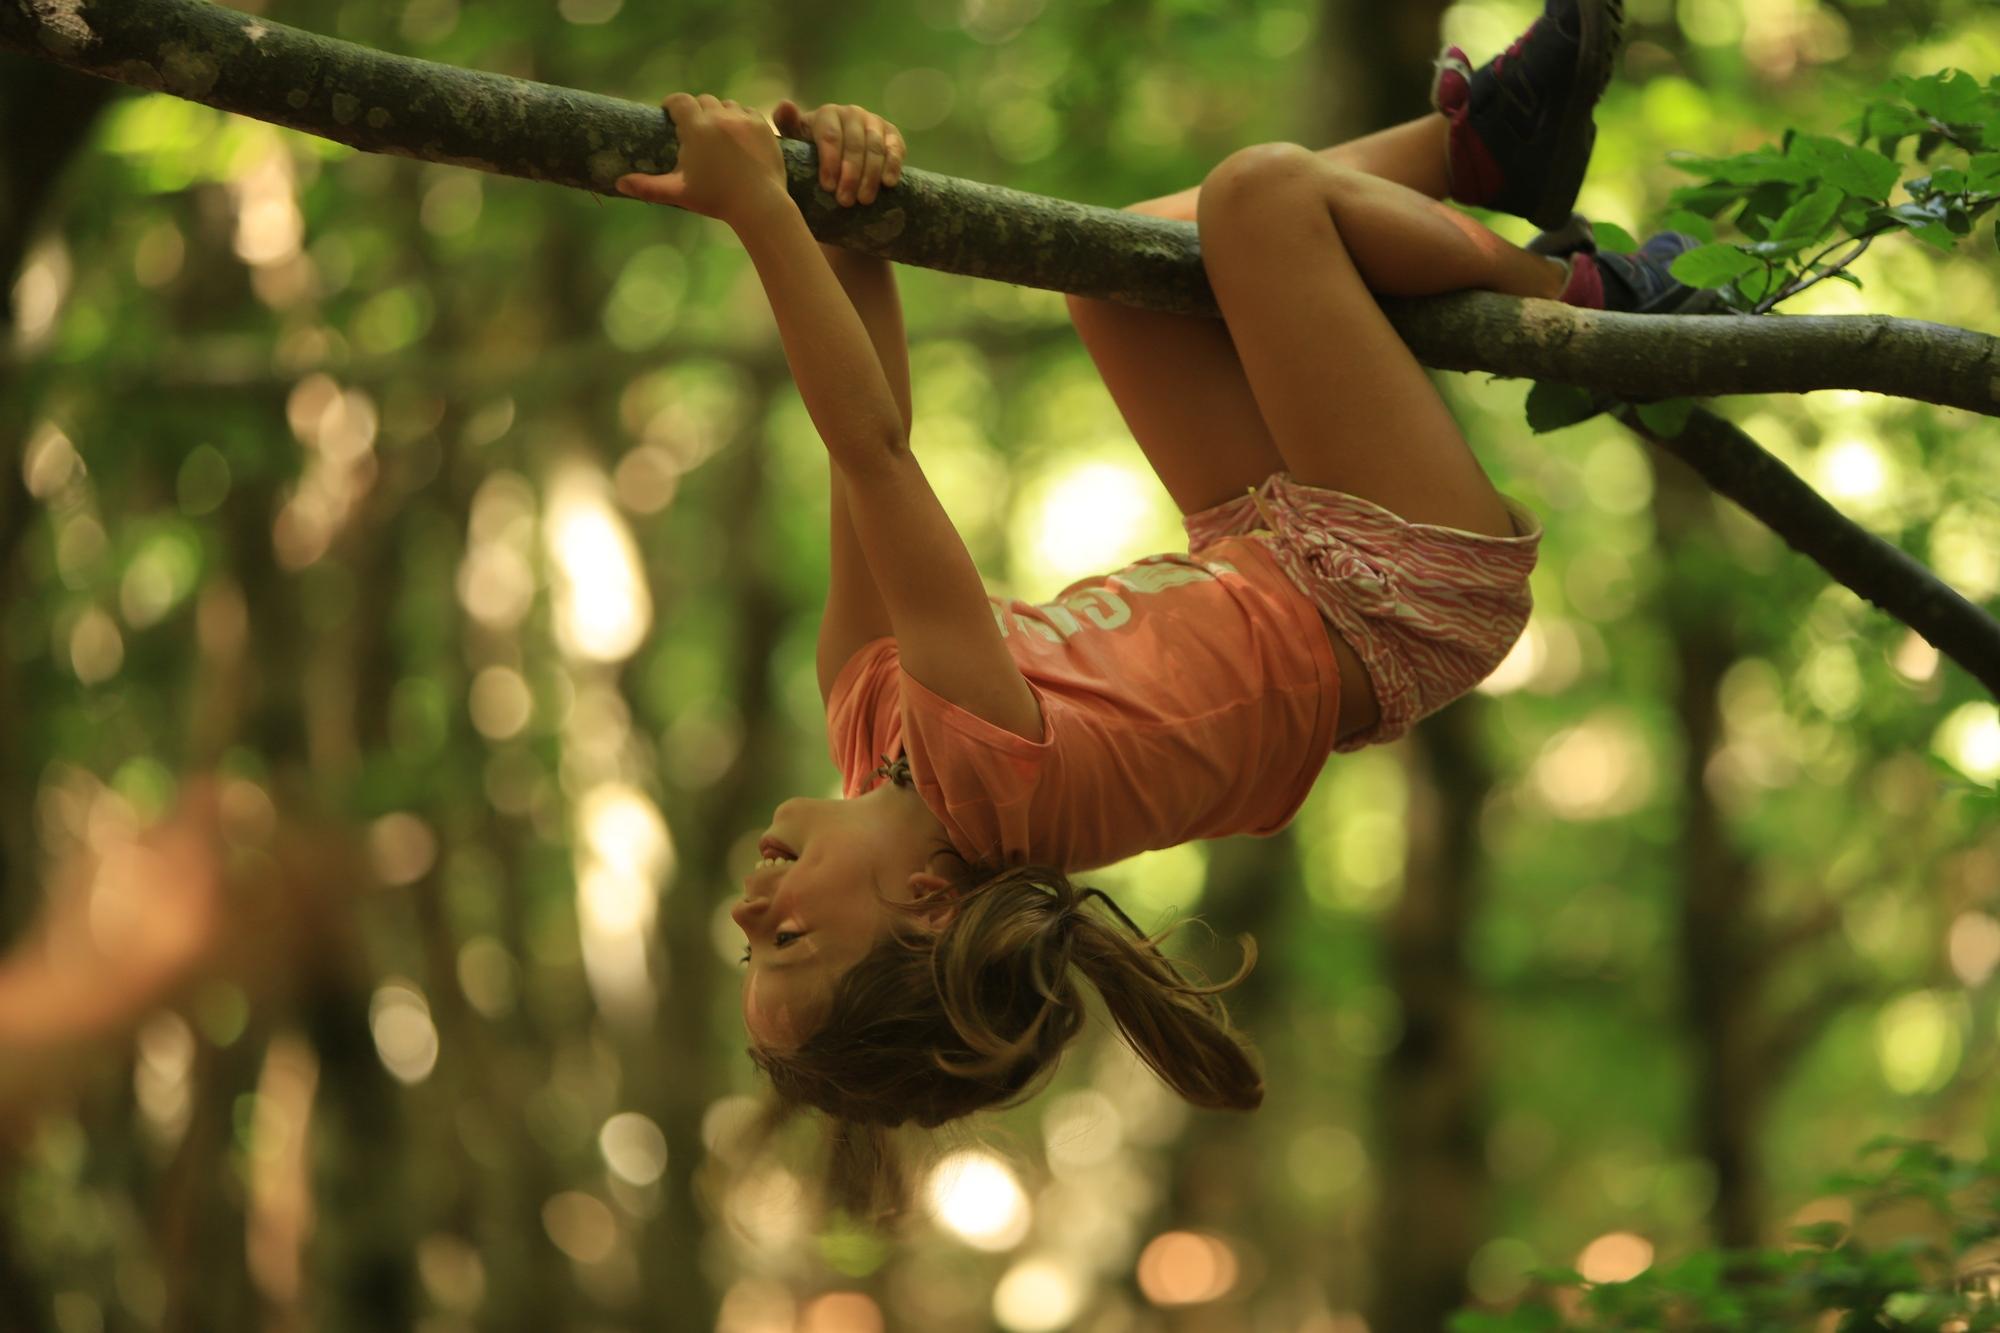 Pustite dete da posmatra prirodu, da je dodirne, pomiriše, osluškuje, oseti svim čulima